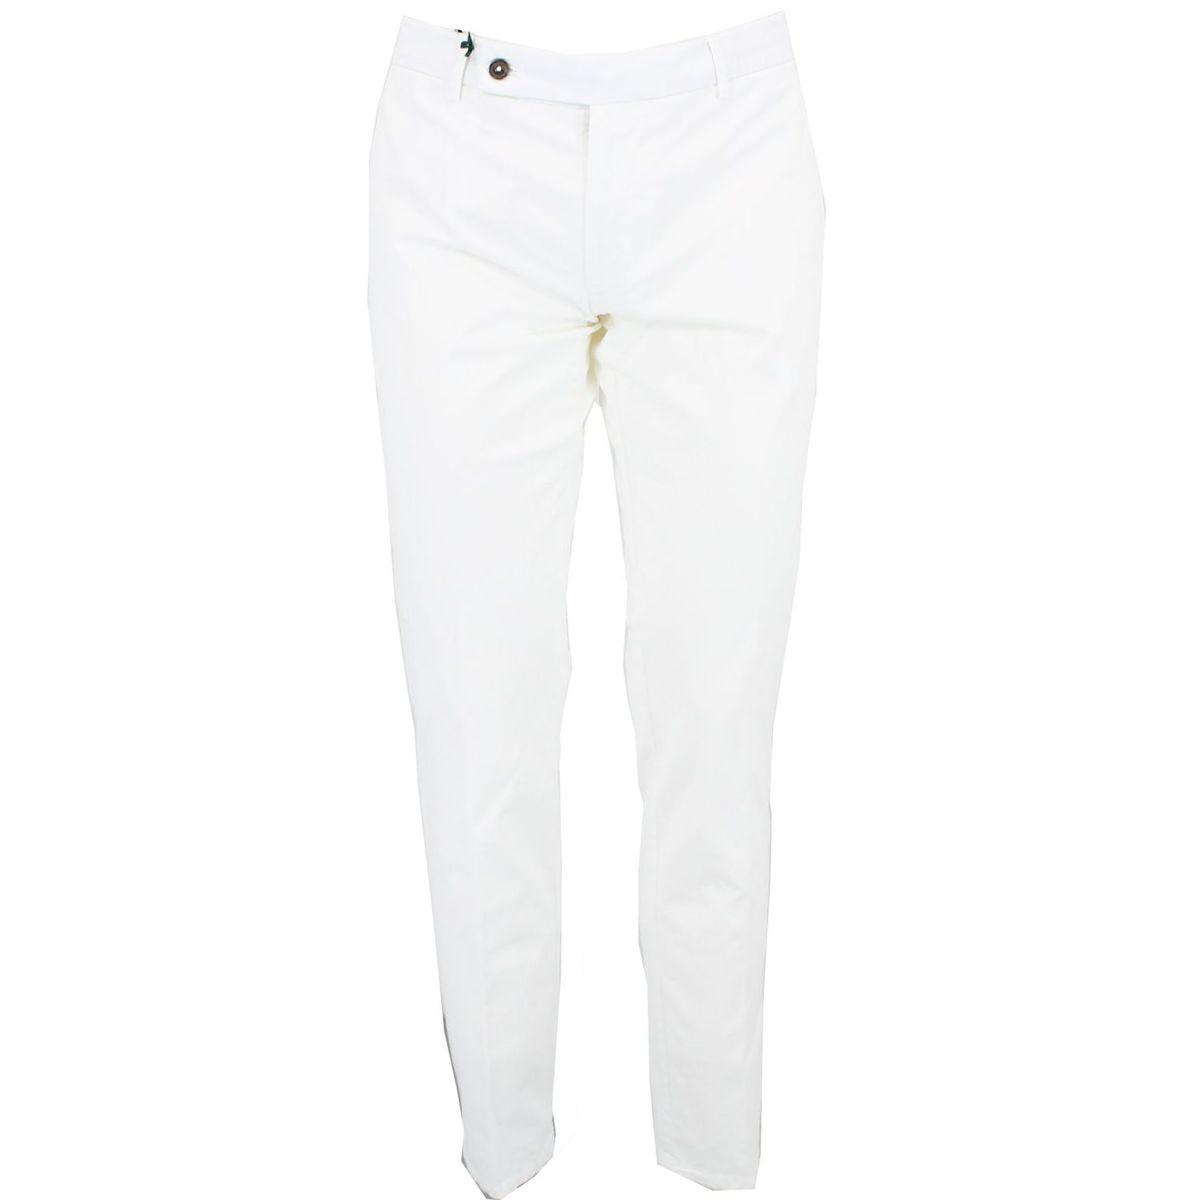 Pantalone in cotone Bianco Berwich